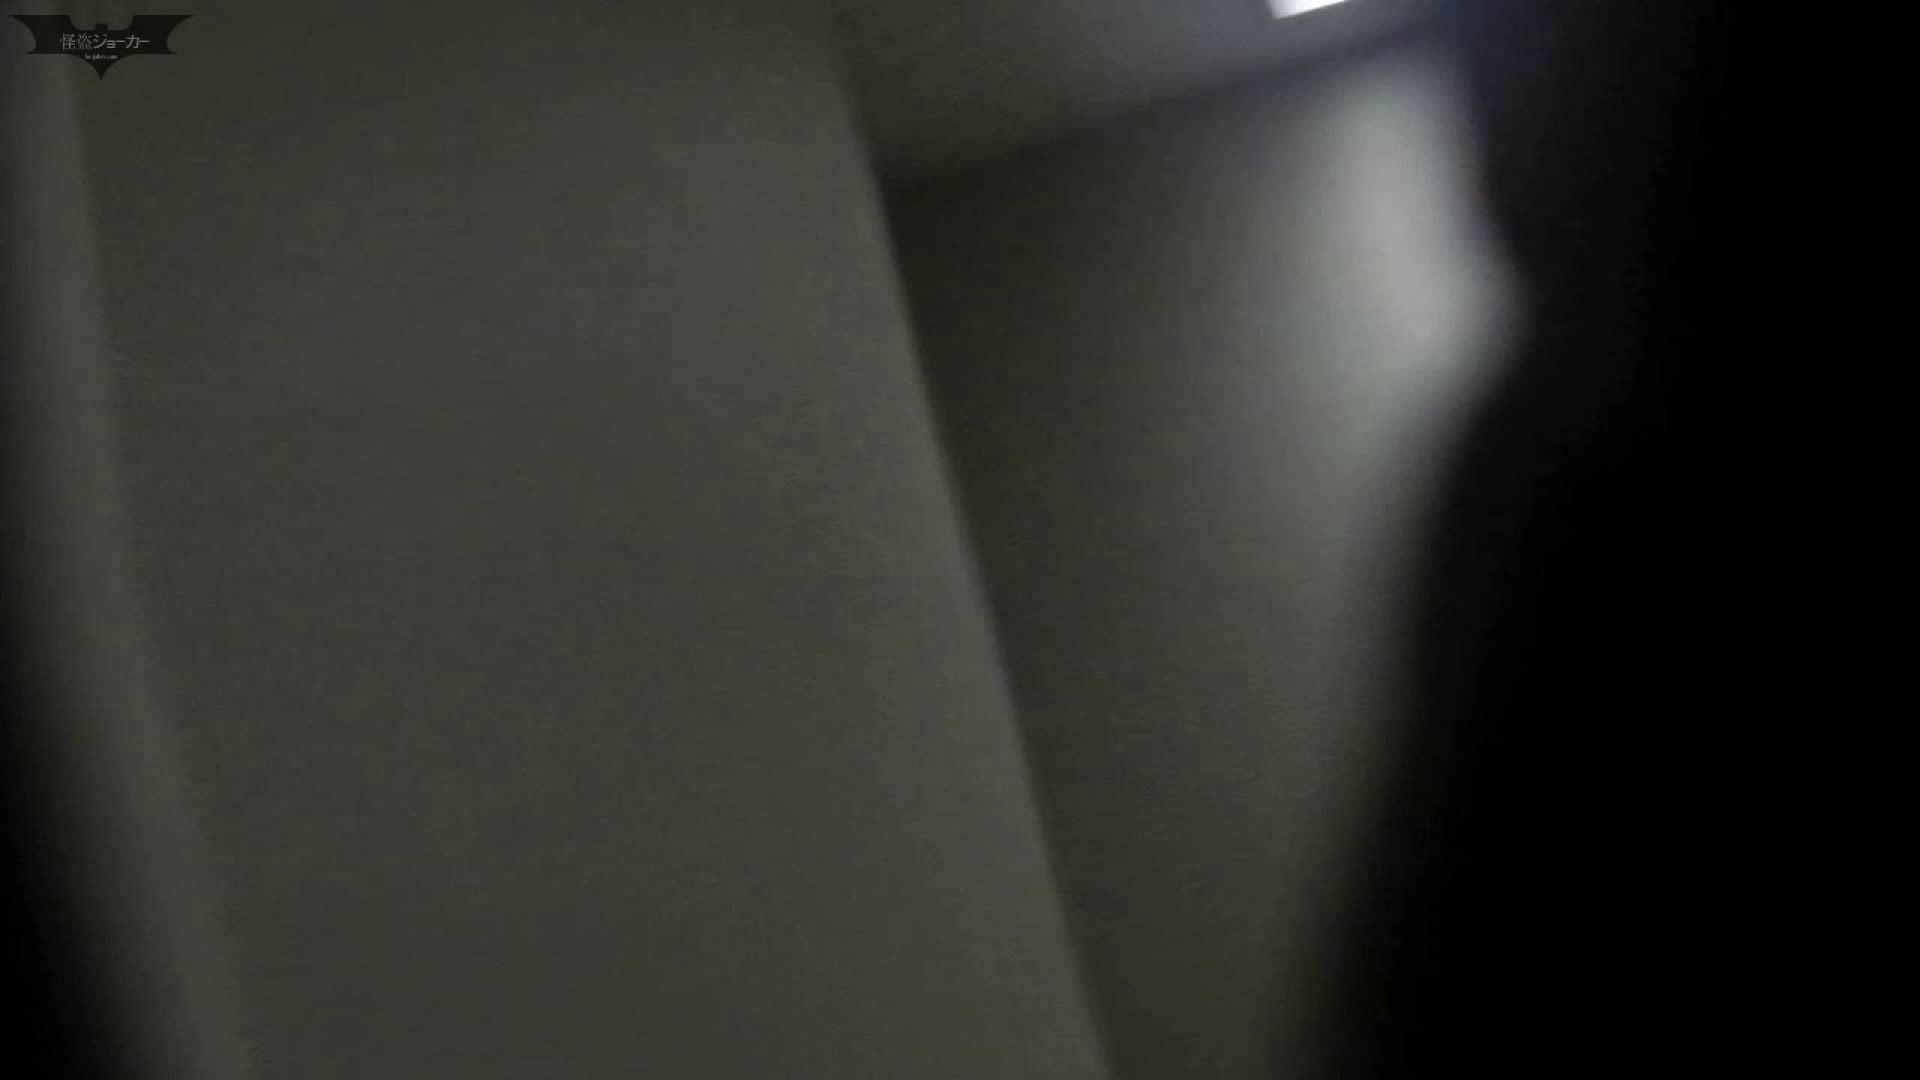 おまんこ丸見え:【期間・個数限定配信】 マンコ丸見え!第三体育館潜入撮File001:怪盗ジョーカー